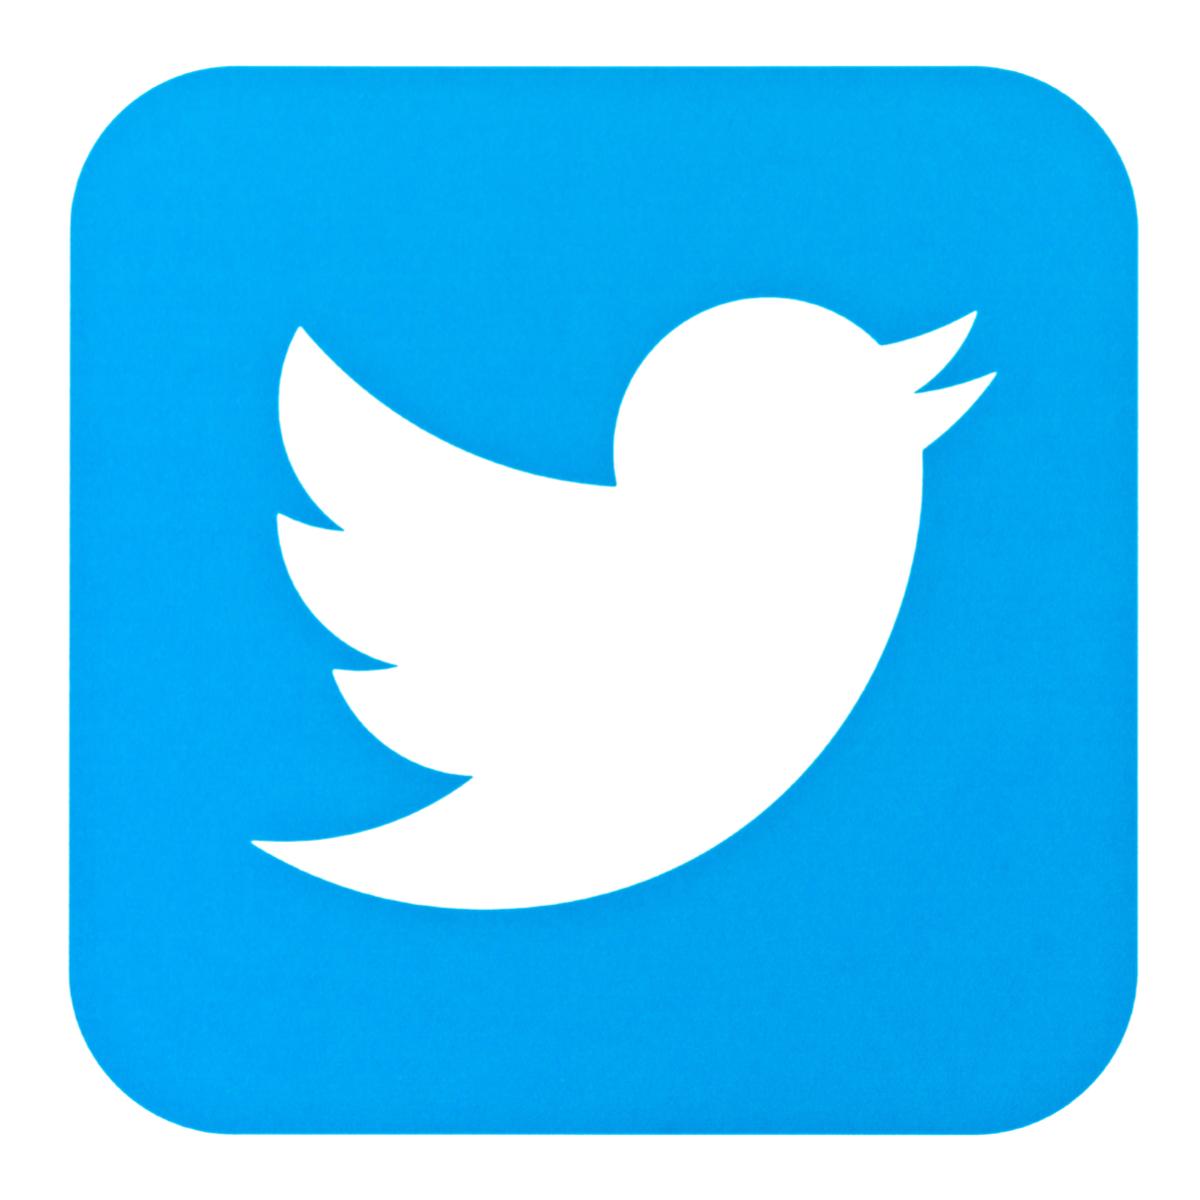 Twitter Bild